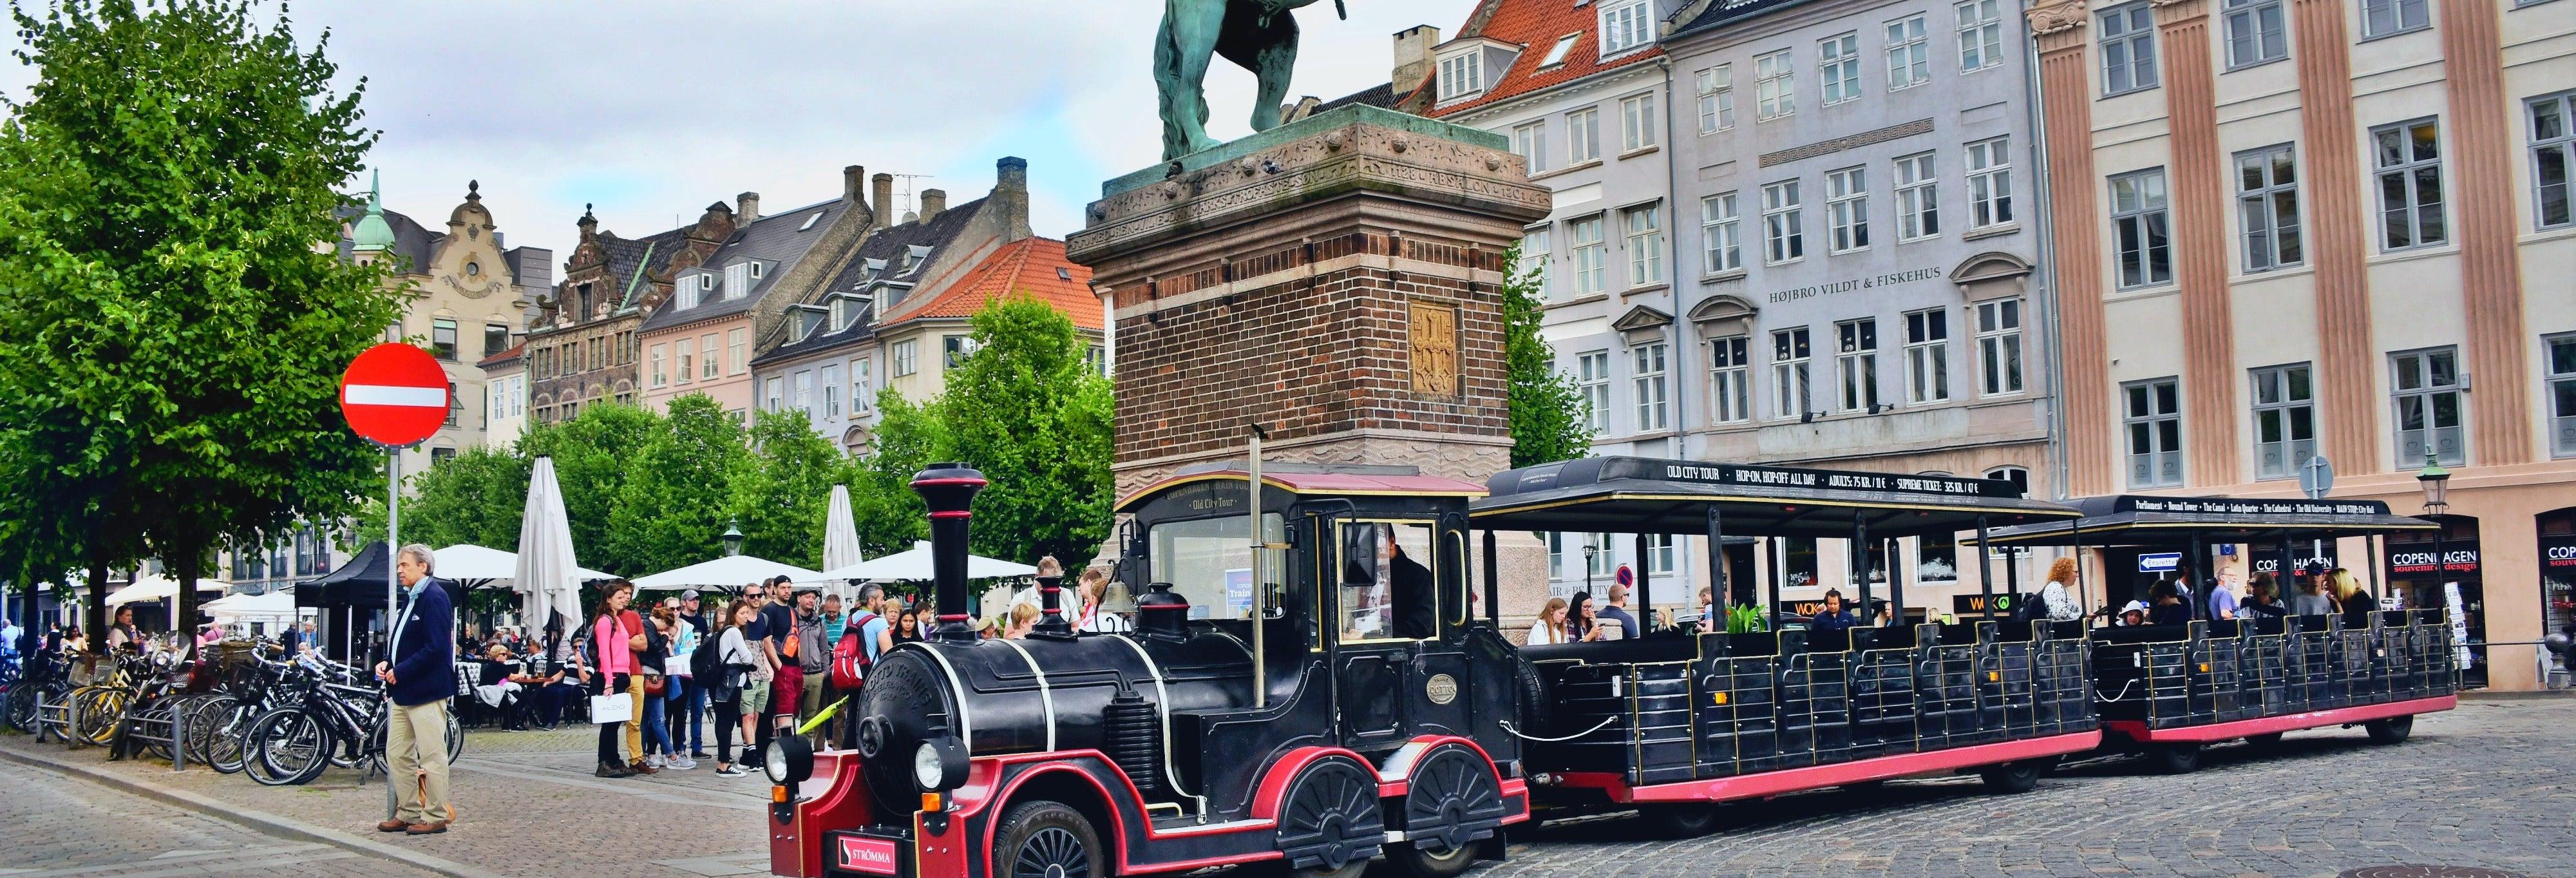 Trem turístico de Copenhague